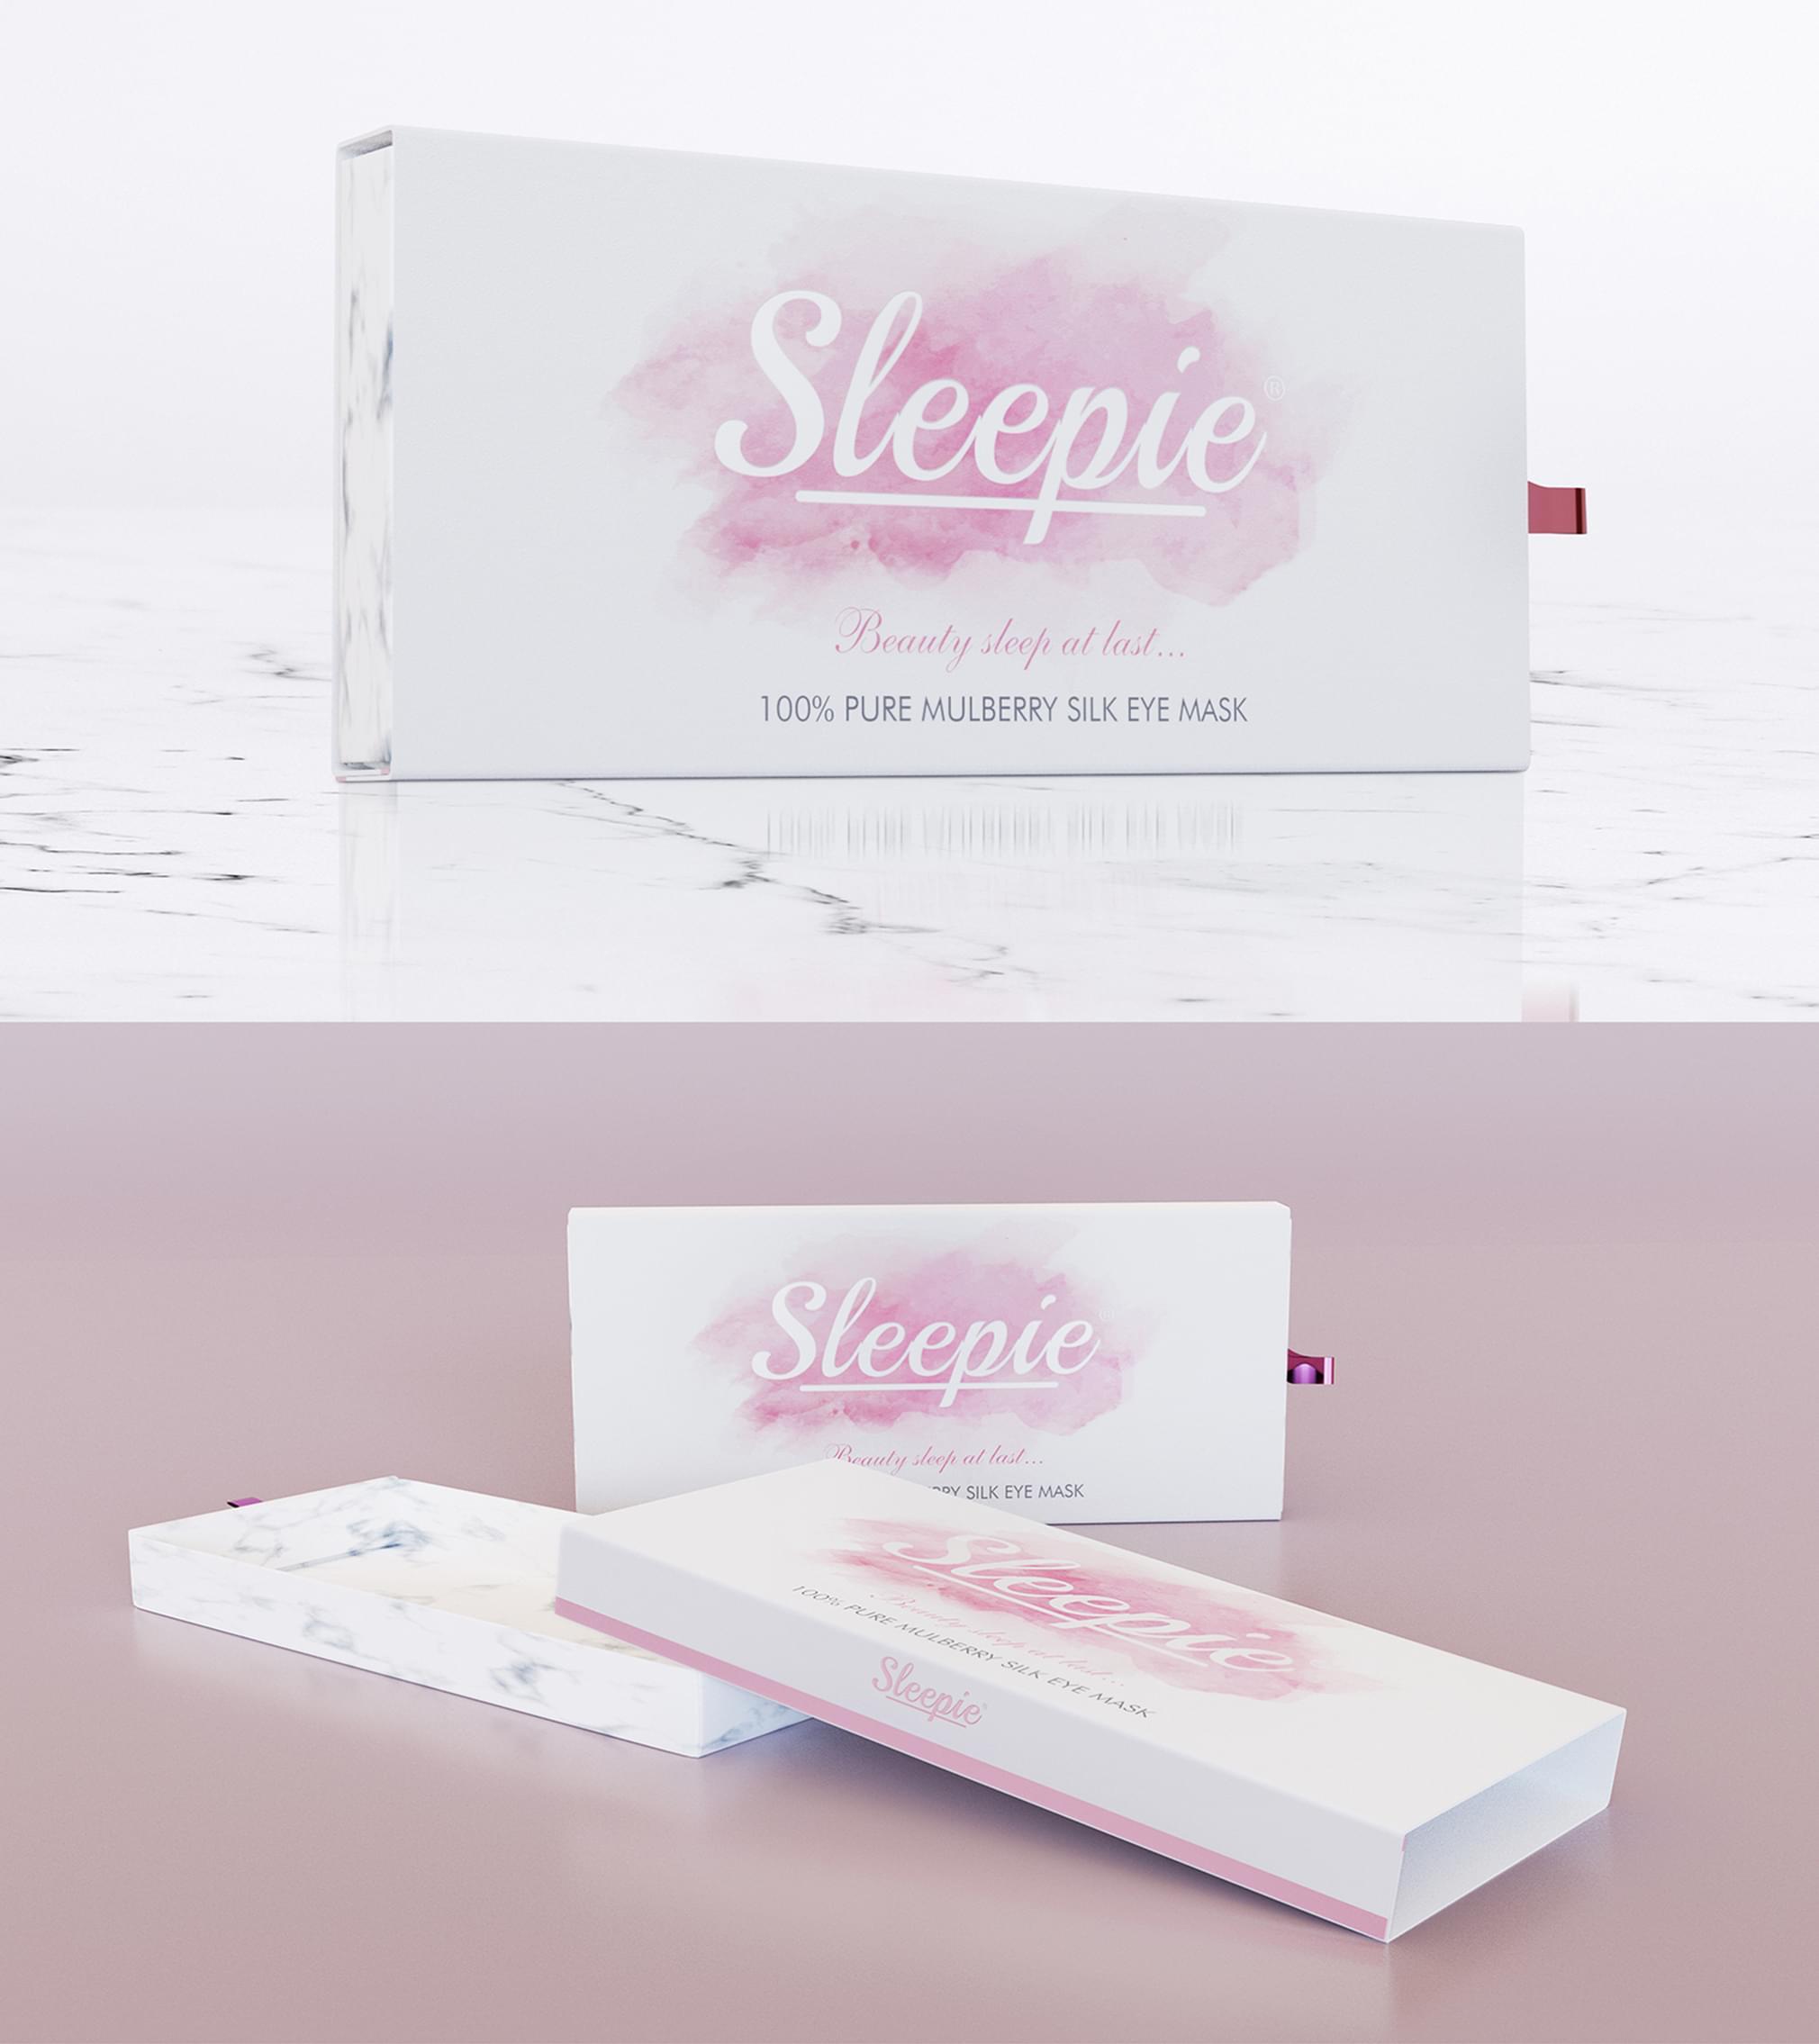 SLEEPIE Packaging